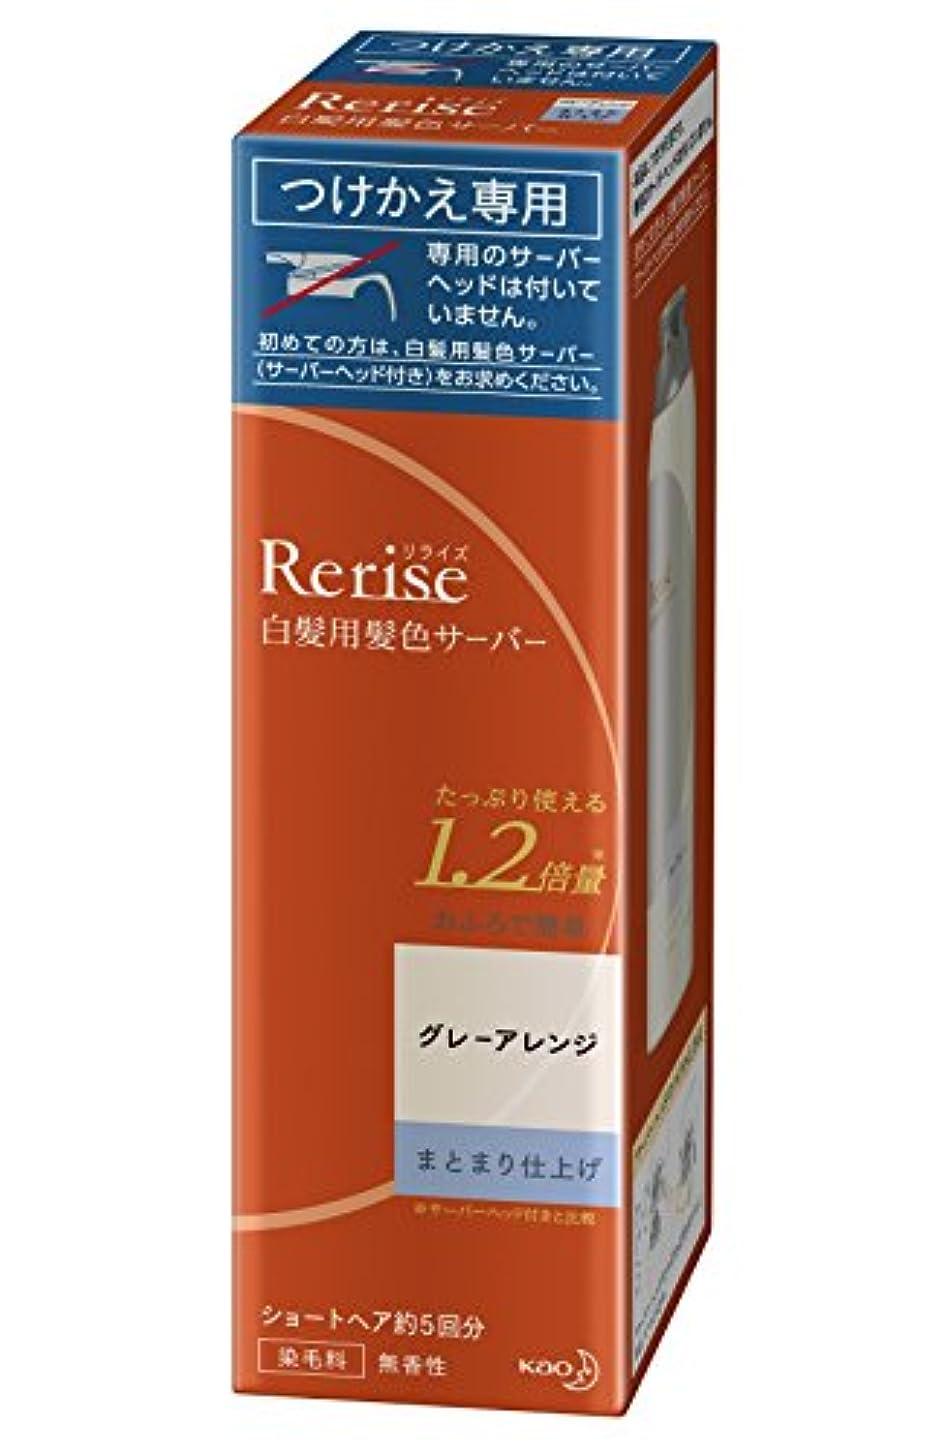 課税香港繕うリライズ 白髪染め グレーアレンジ (自然なグレー) まとまり仕上げ 男女兼用 つけかえ用 190g